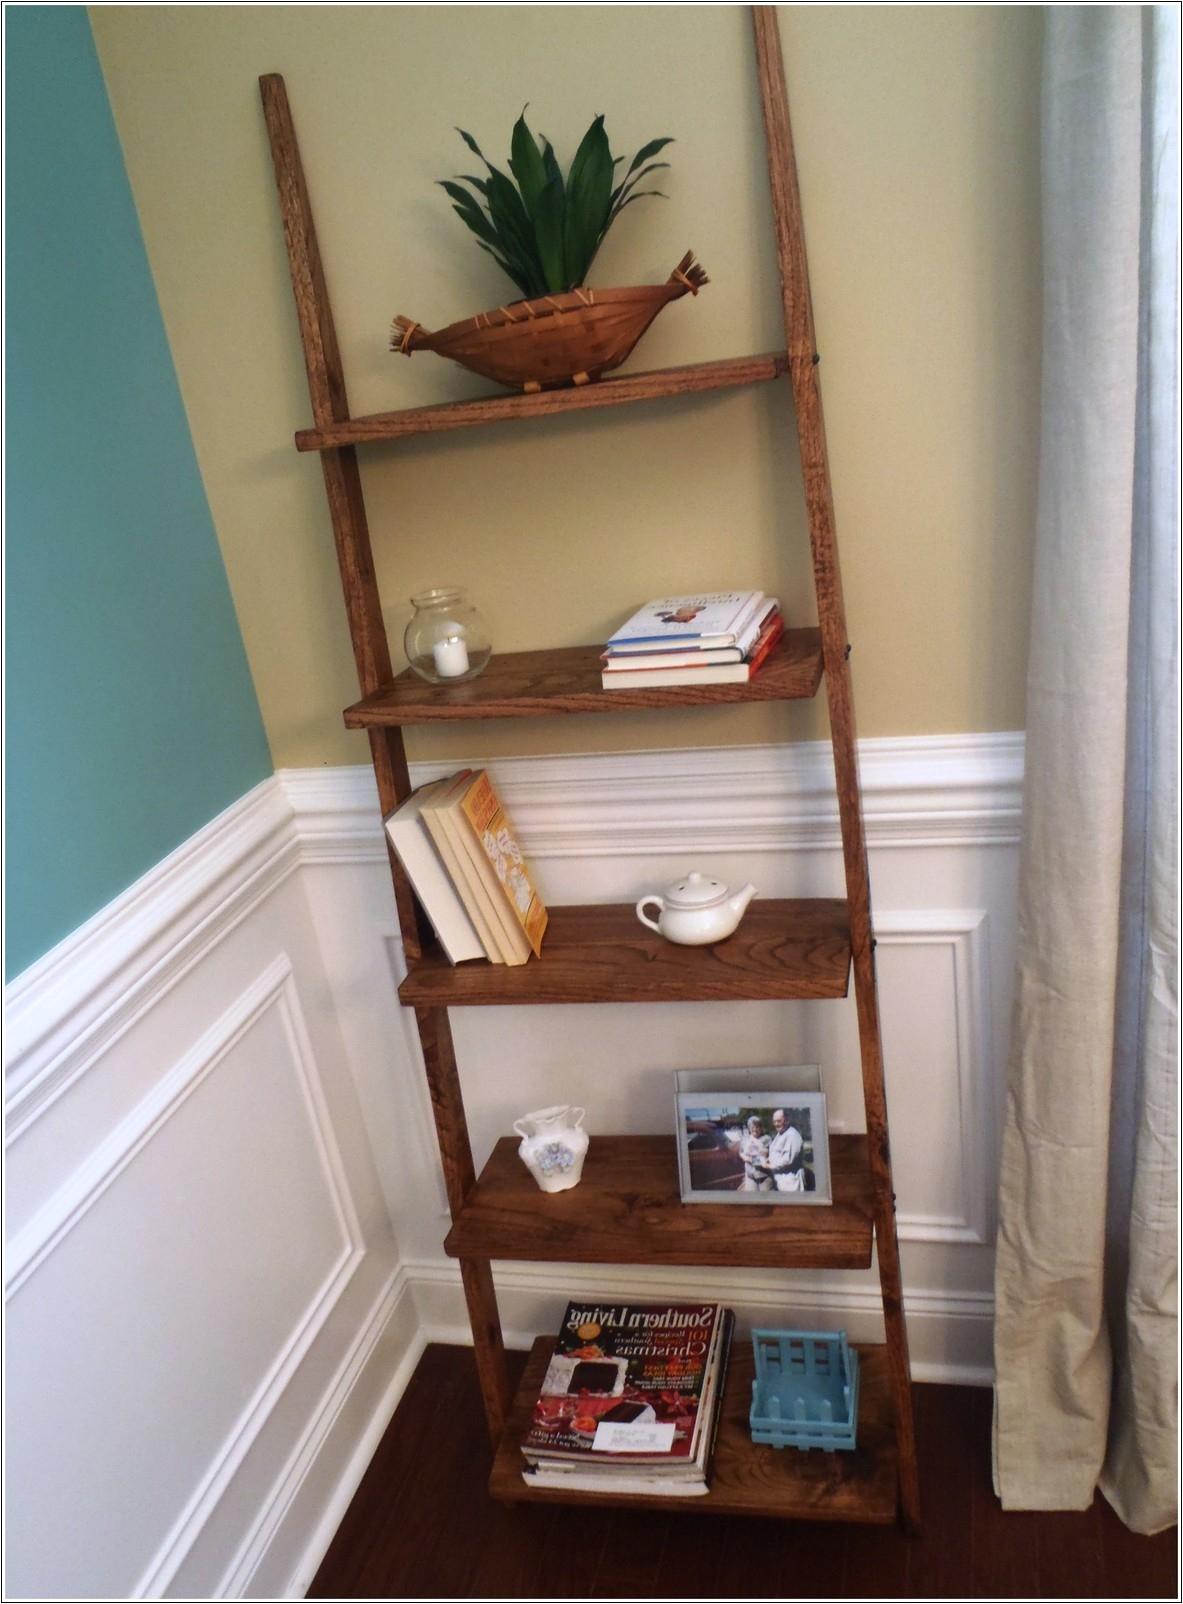 Shoe Racks Target Australia Bookcases Storages Shelves Easy Ladder Bookshelf Target to Buy